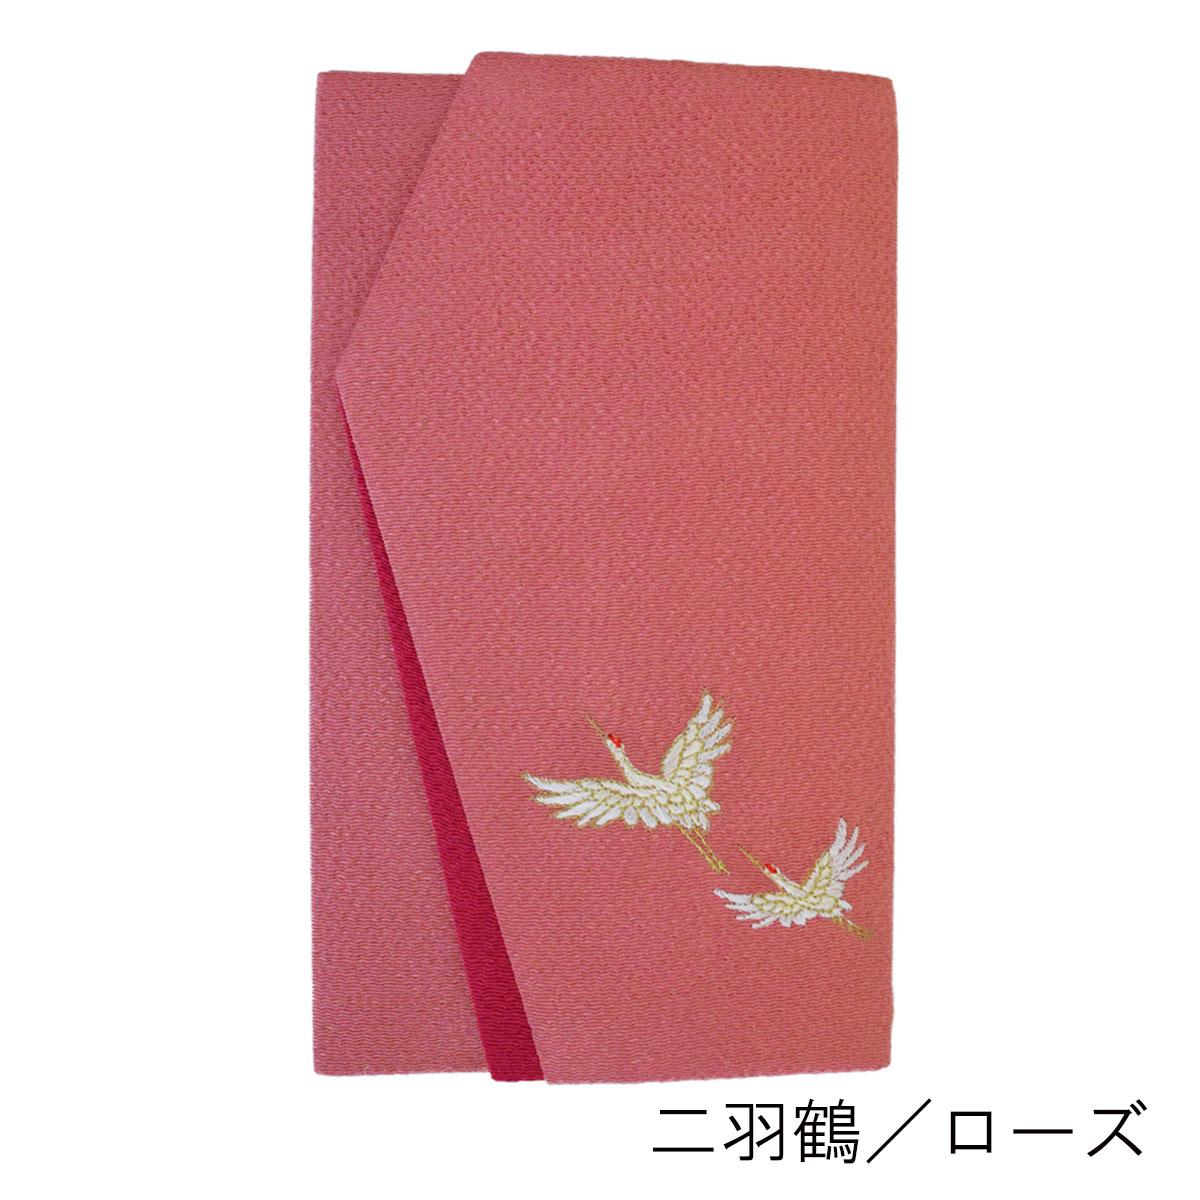 丹後ちりめん刺繍金のぞき封ふくさ 二羽鶴×蓮